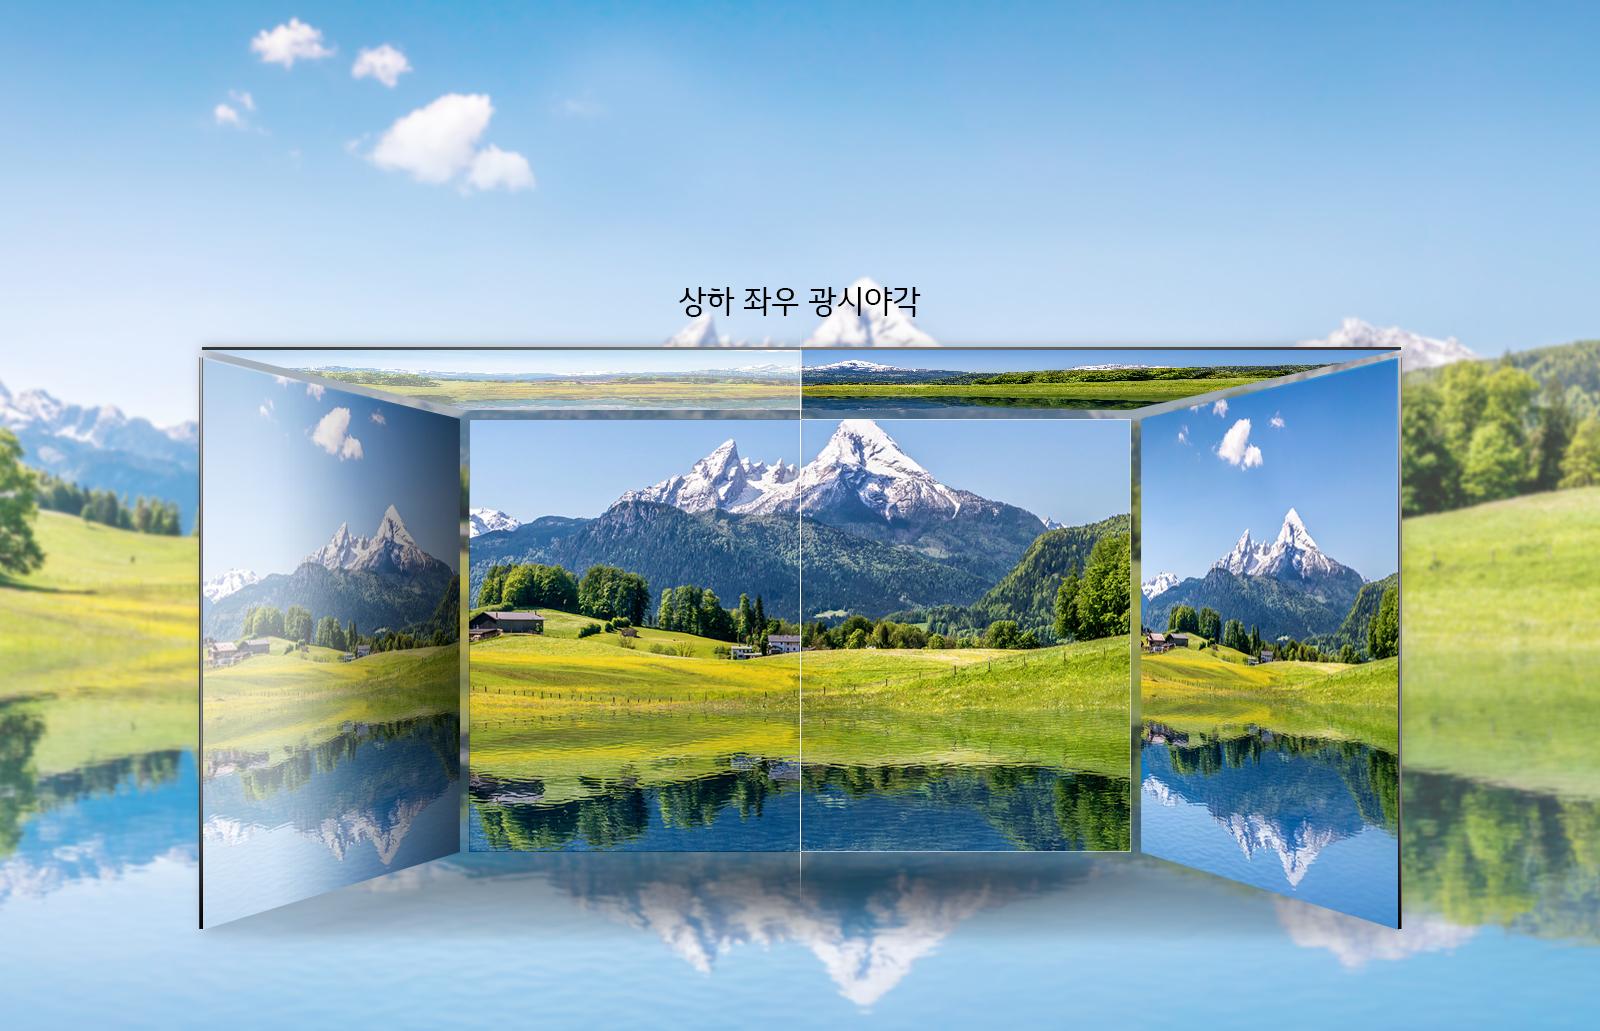 자연색 표현을 위한 최상의 조합 IPS패널 이미지